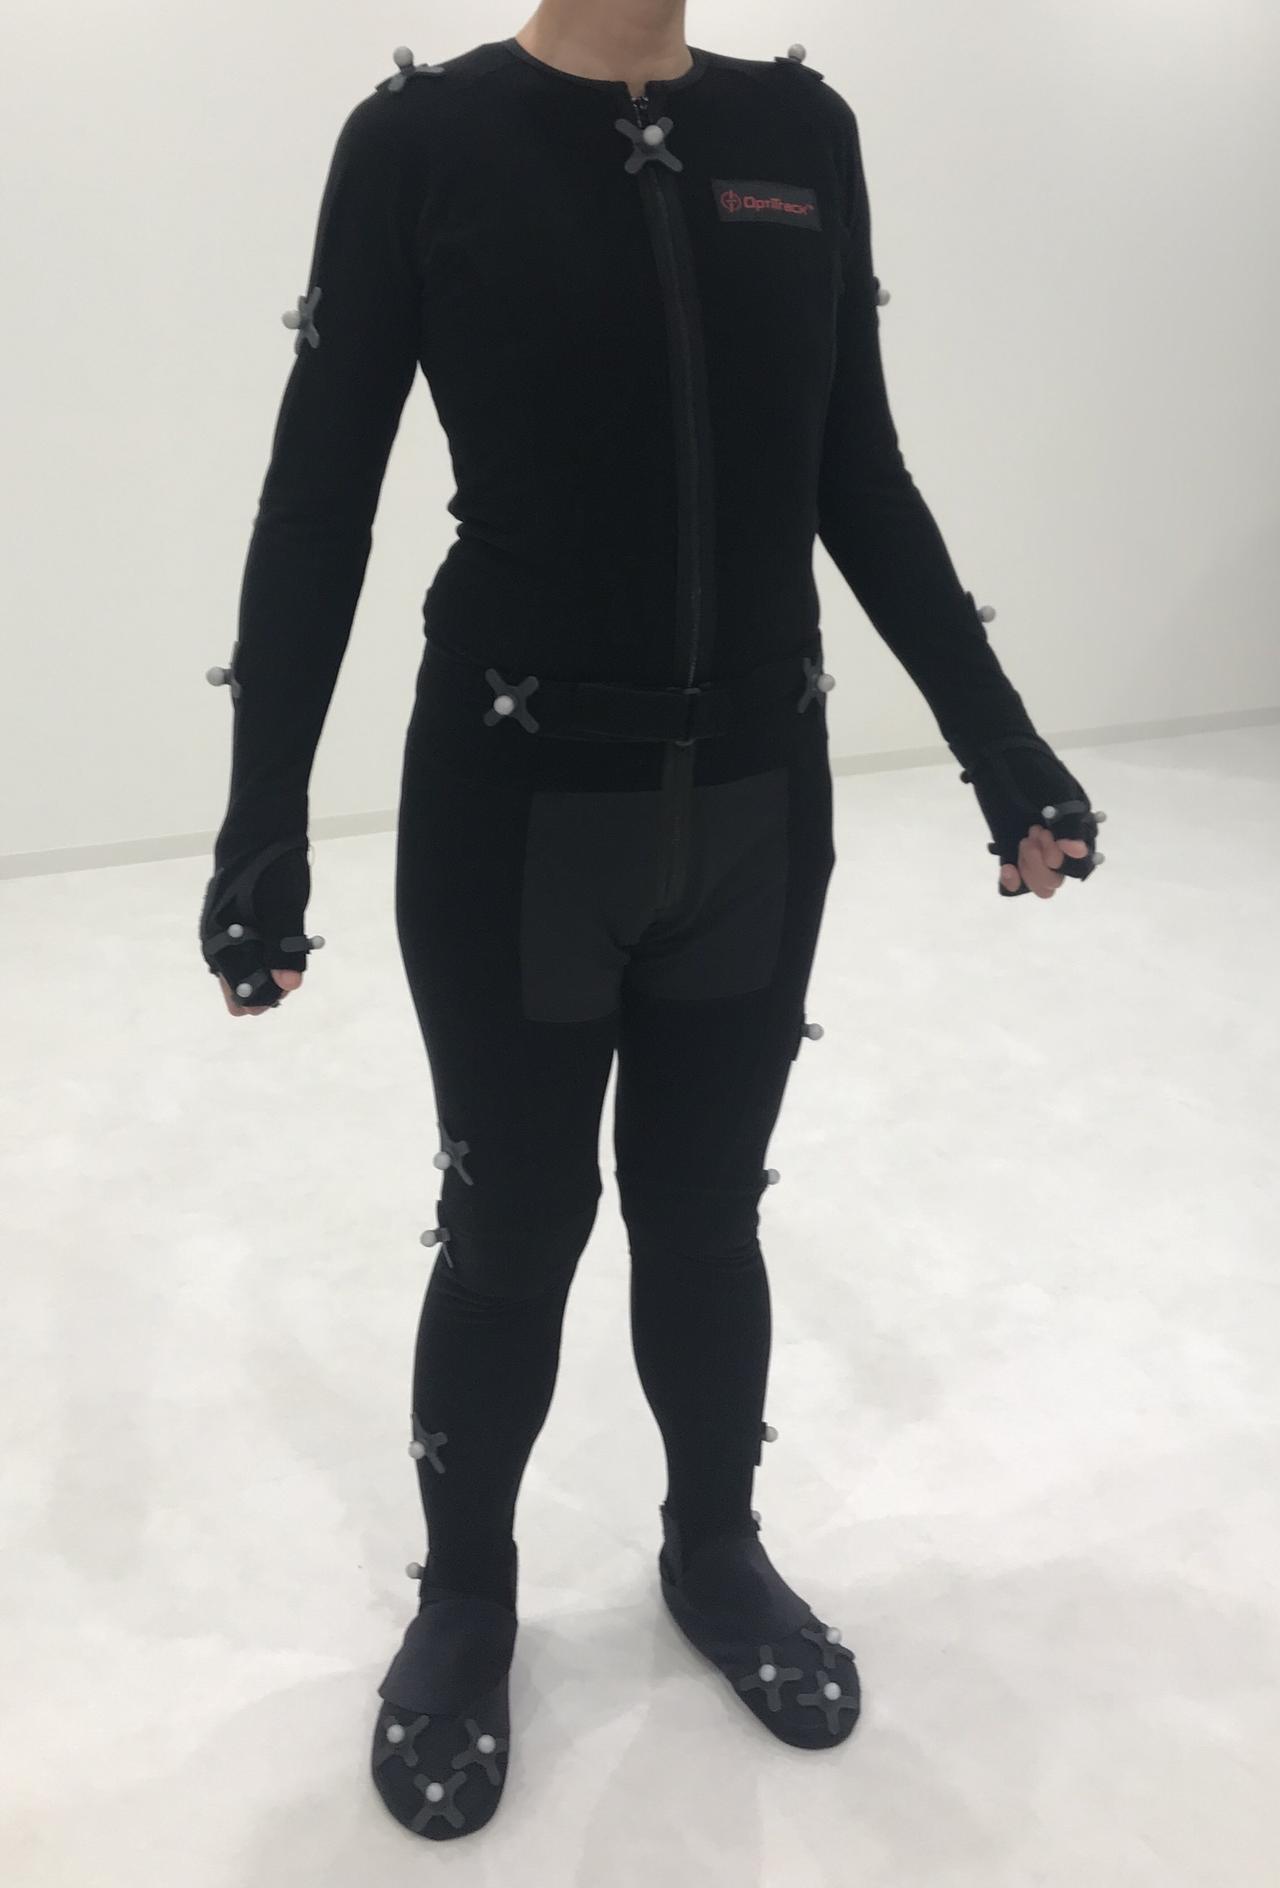 画像: モーションキャプチャー用スーツ